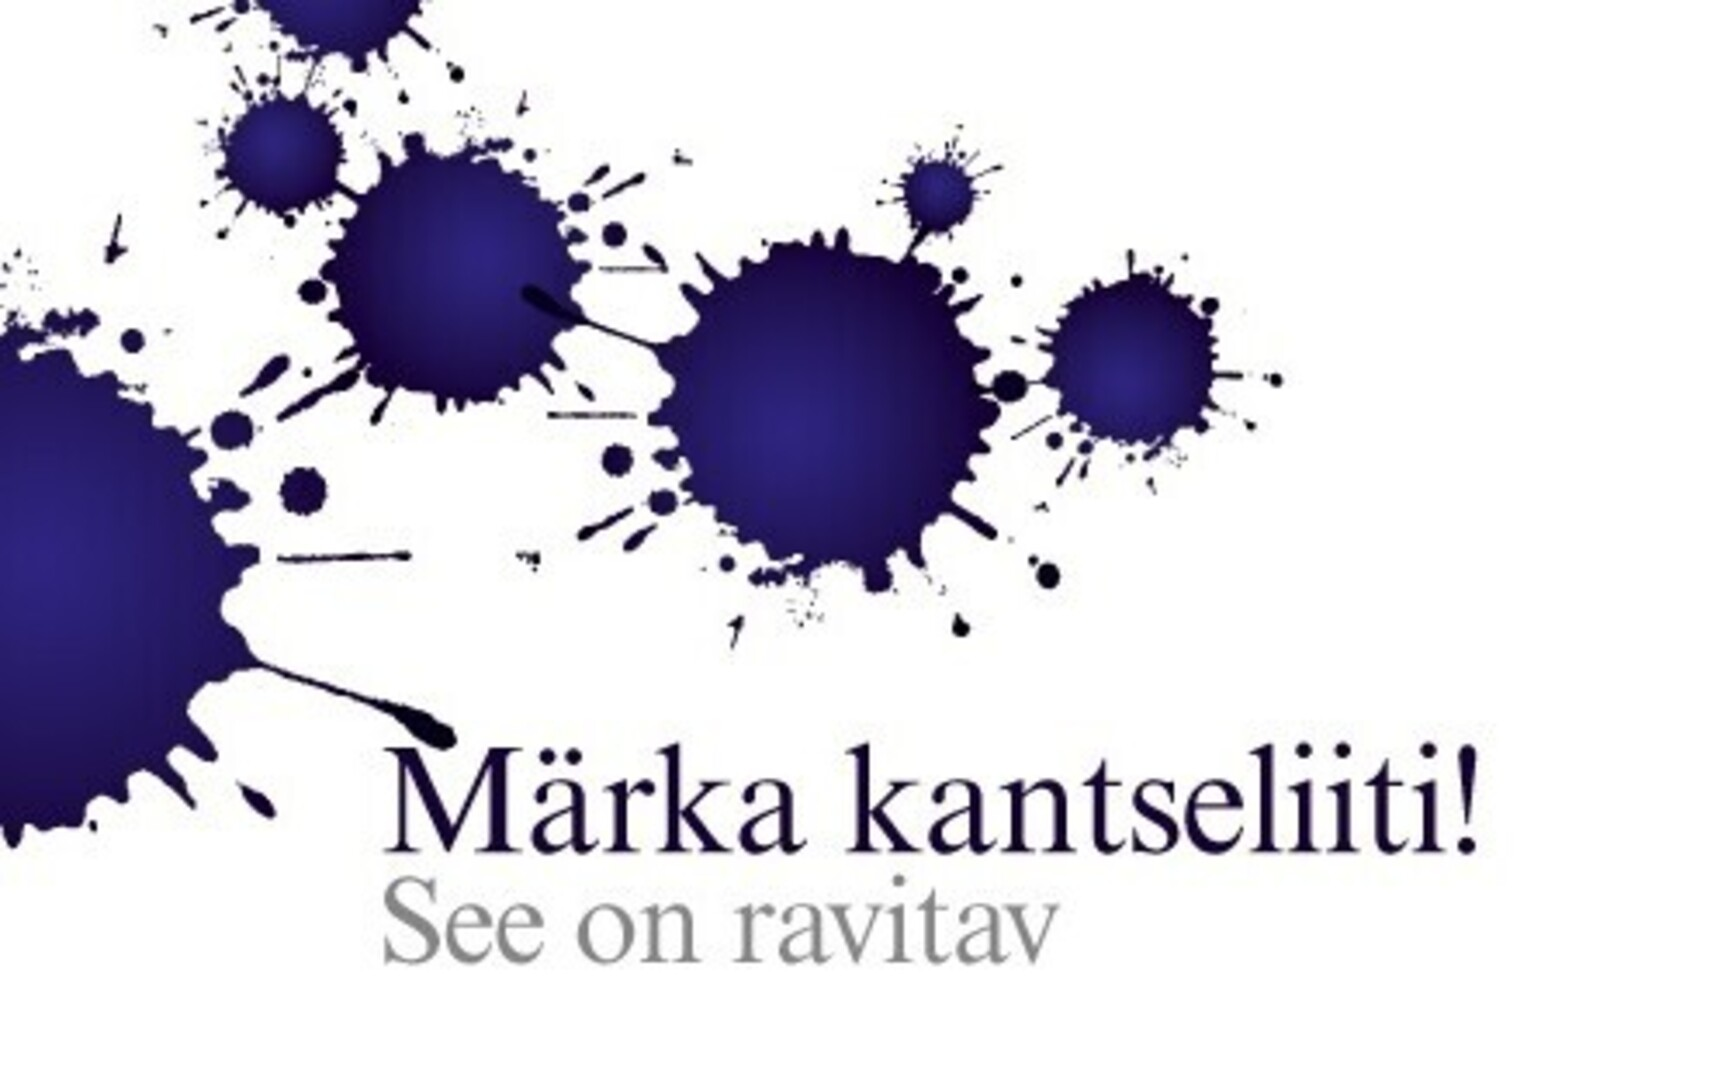 bb89c29b97b Eesti keele instituut kutsub üles märkama kantseliiti   kultuur   ERR